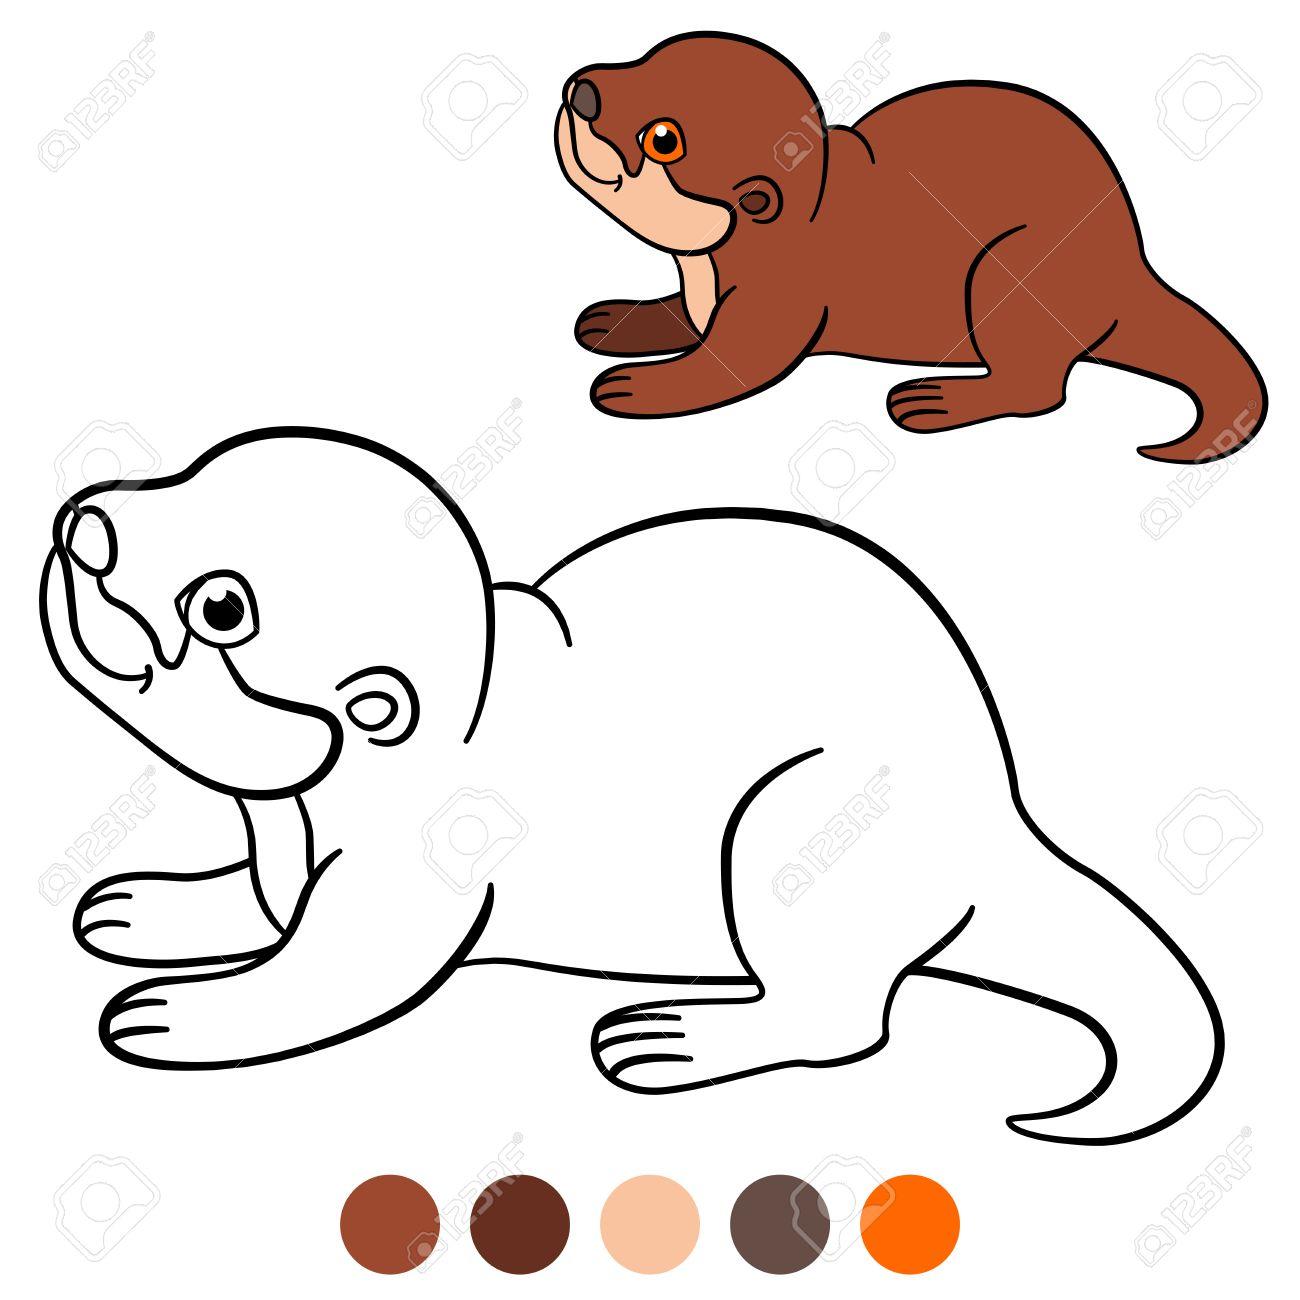 Malvorlage. Kleine Süße Baby Otter Steht Und Lächelt. Lizenzfrei ...